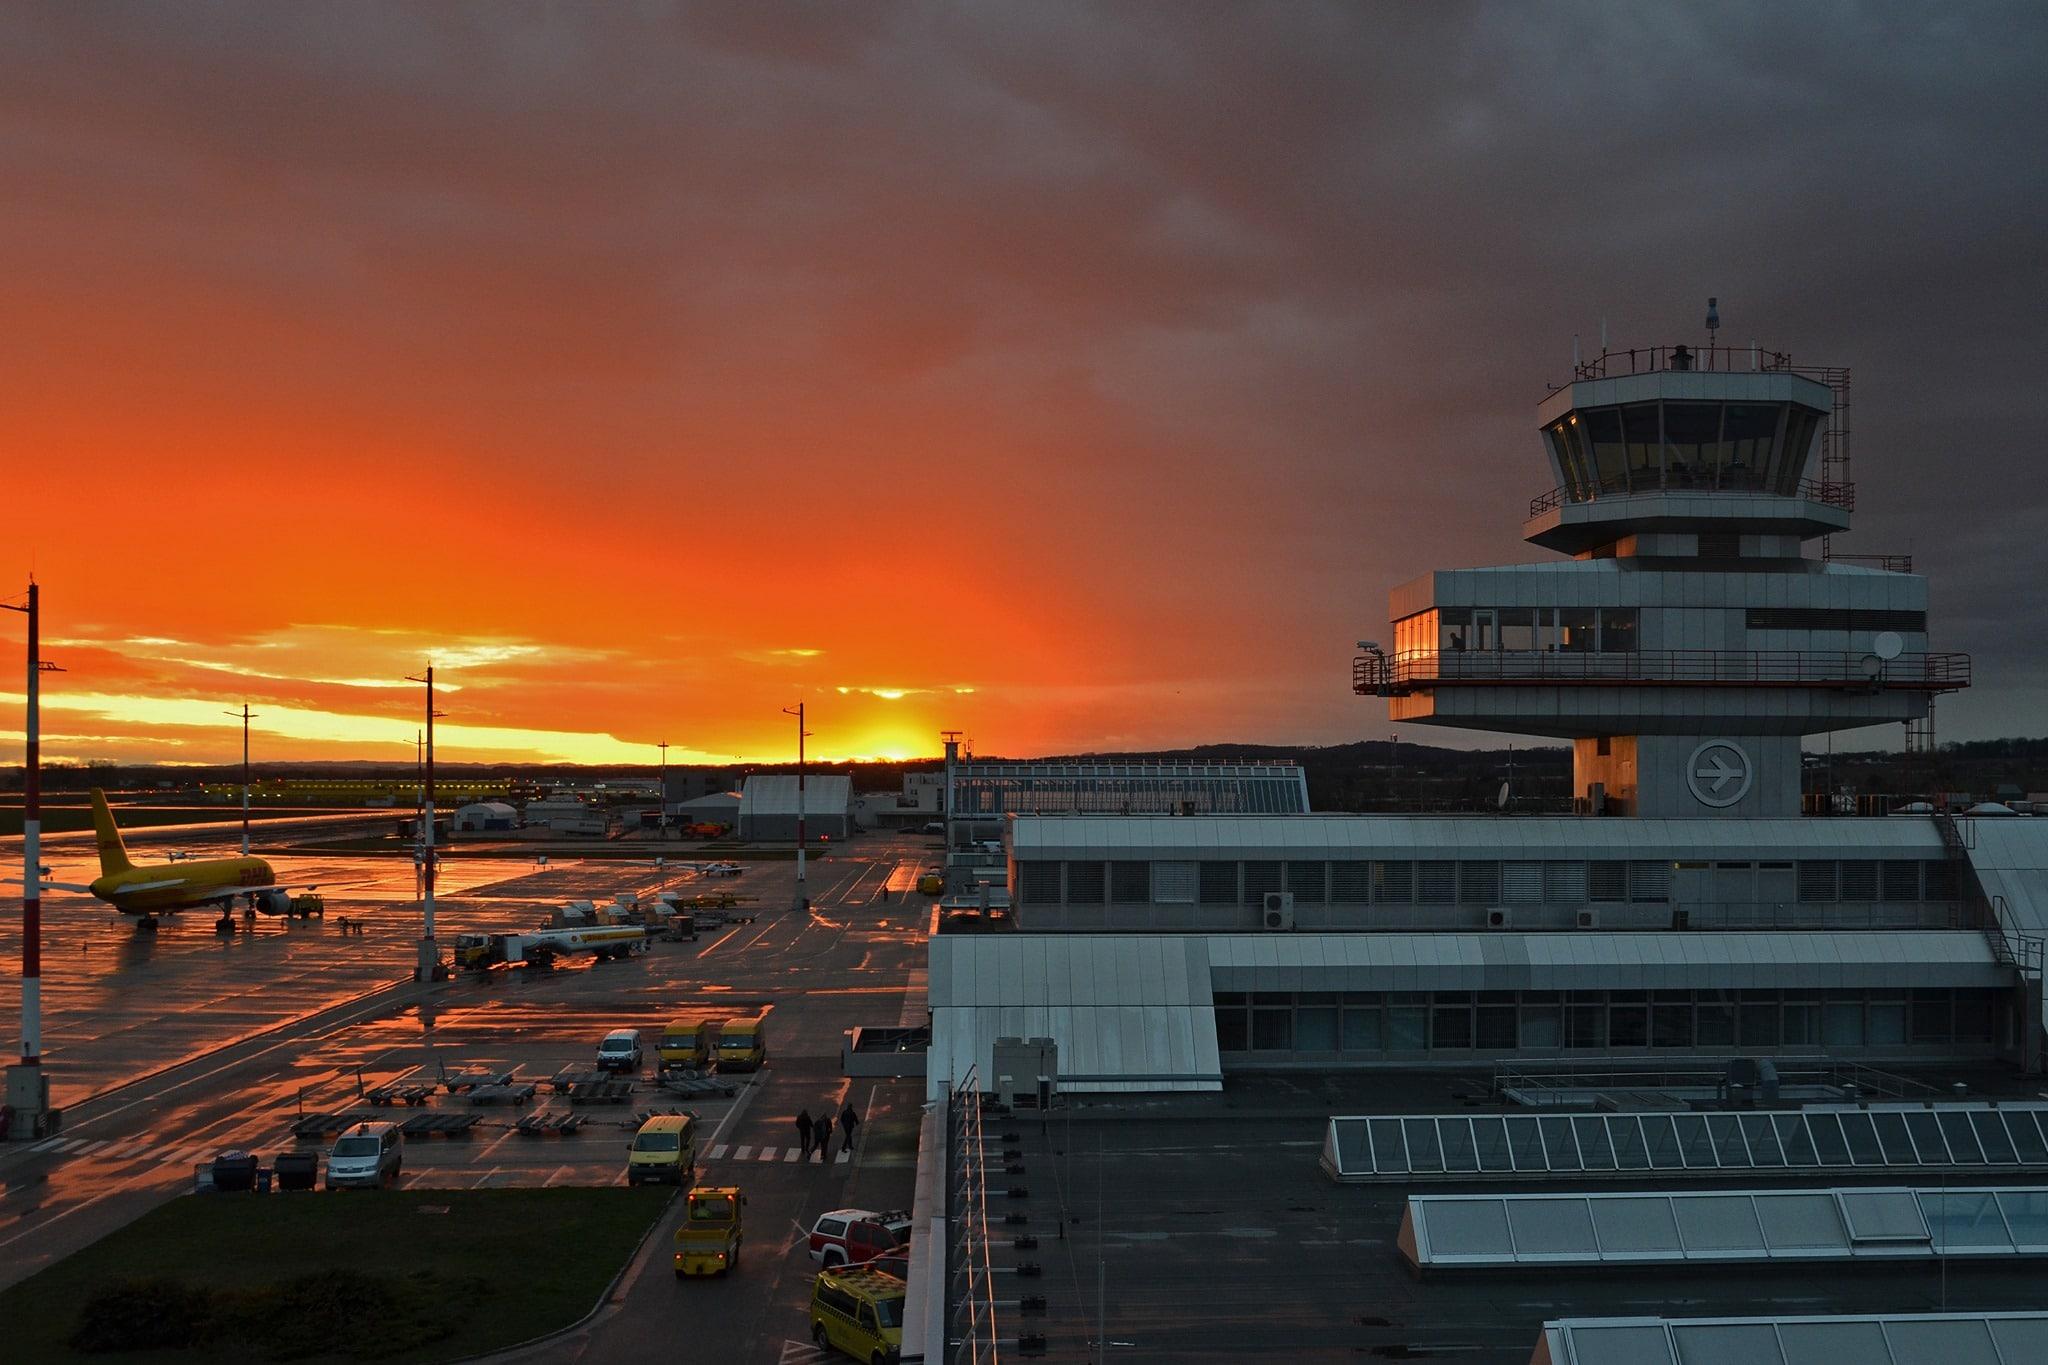 Austrian startet nach Düsseldorf – Lufthansa setzt Linz weiter aus